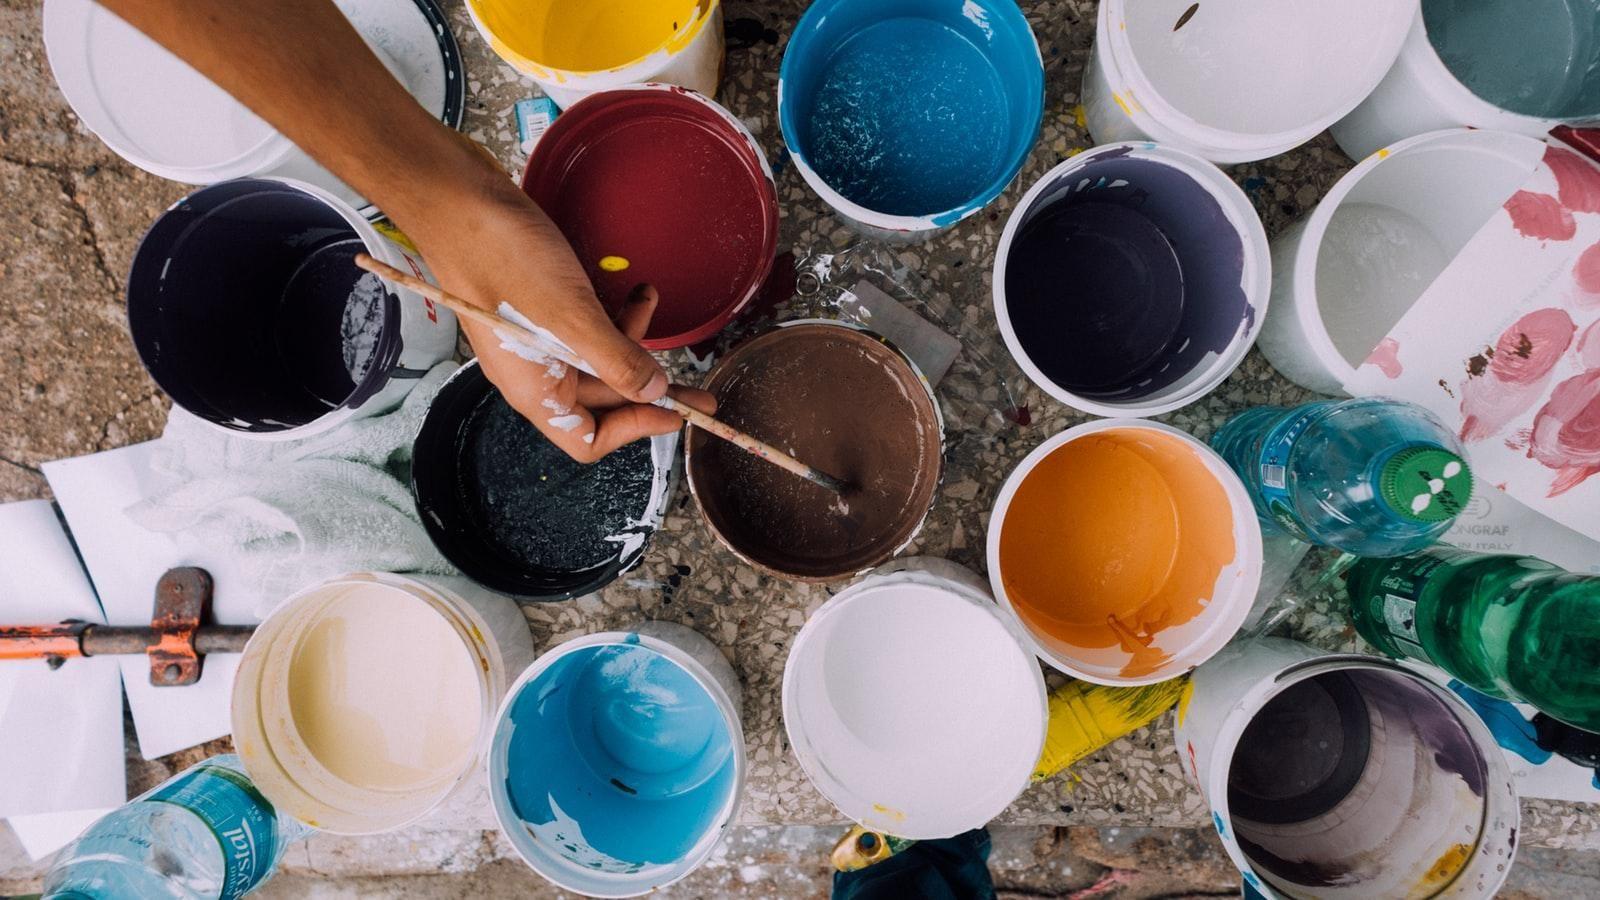 Many different paint pots